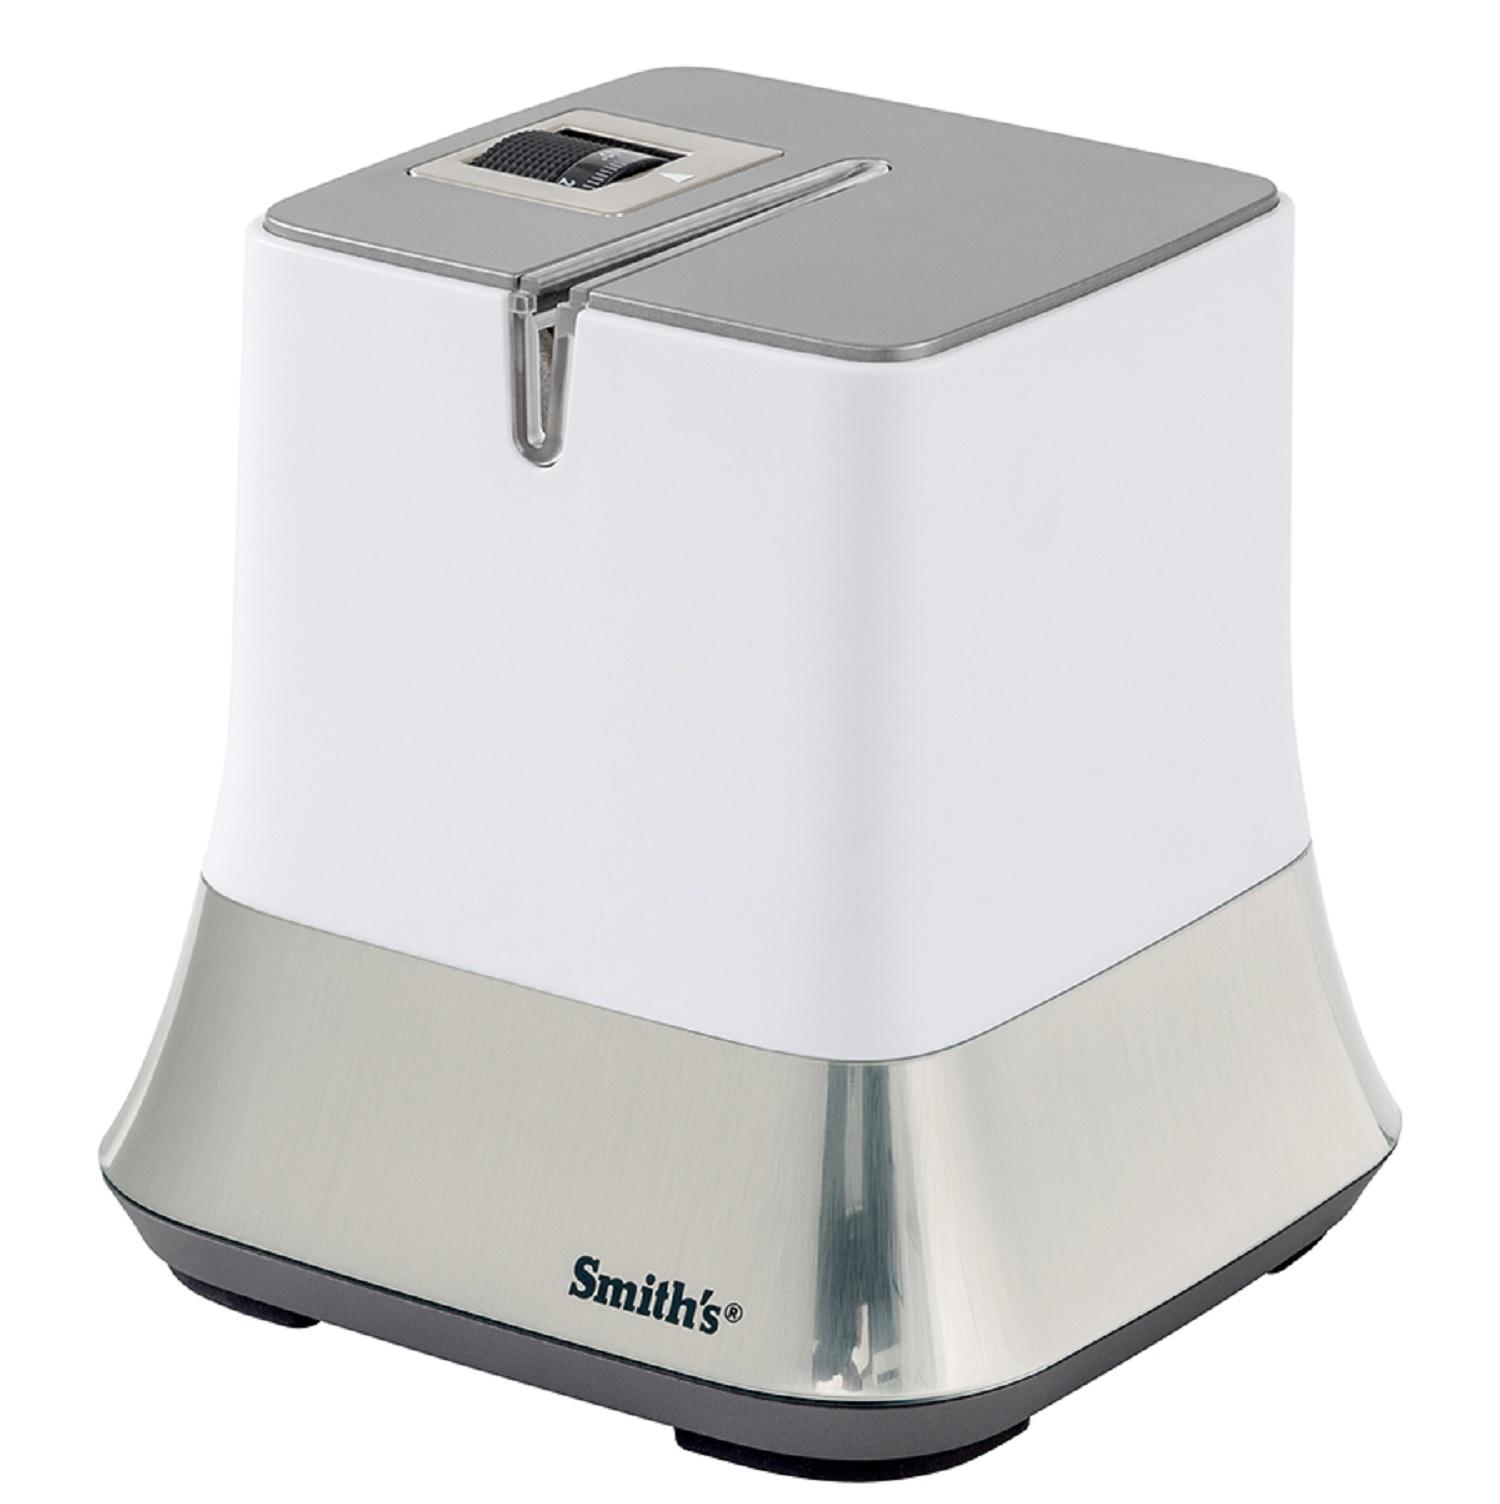 Smiths mesa Adjustable Diamond Electric Single Slot White